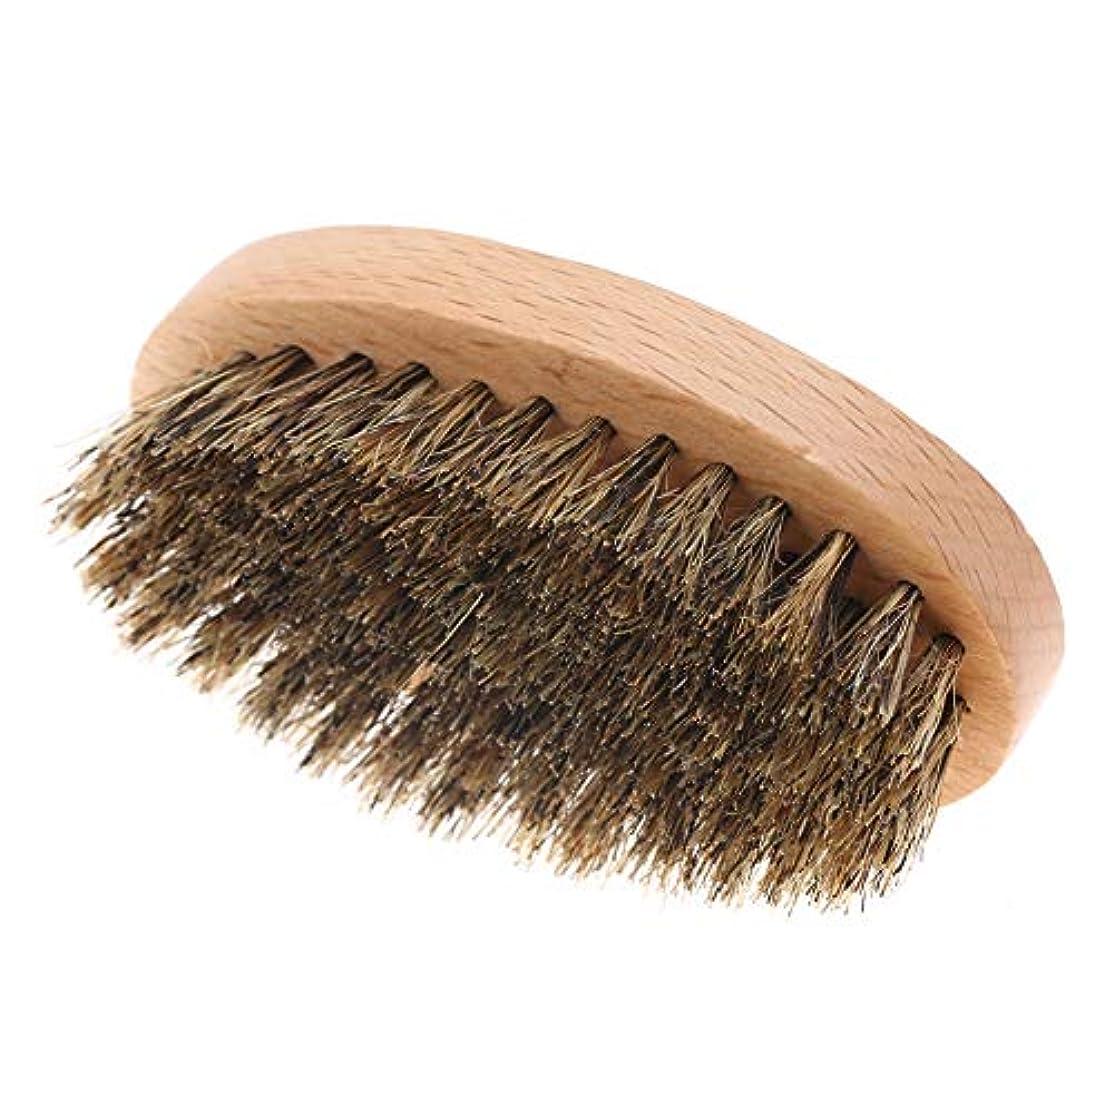 硬化する出口エスカレーターYuyte 男性フェイスヘアクリーニングブラシ口ひげオーバルビアードシェービングマッサージブラシ